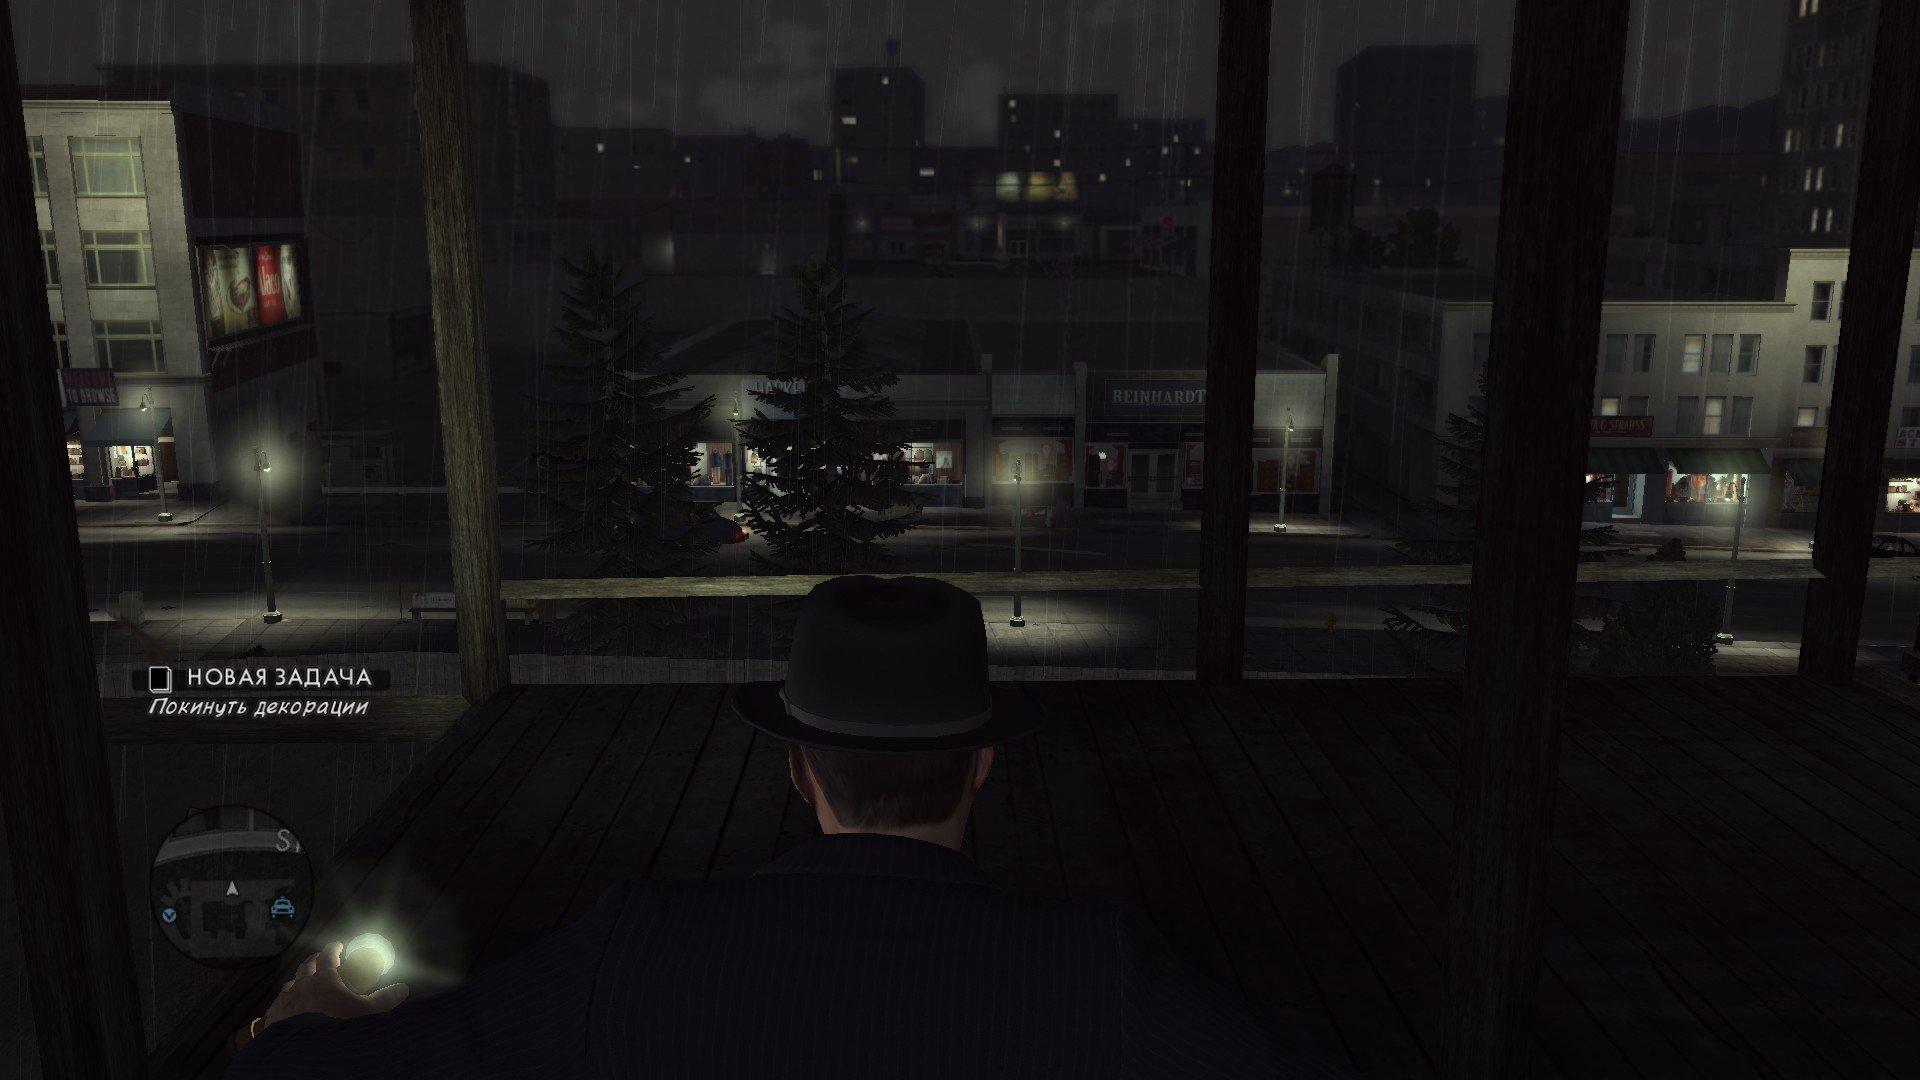 Пост-прохождение L.A. Noire Часть 13 - Изображение 46